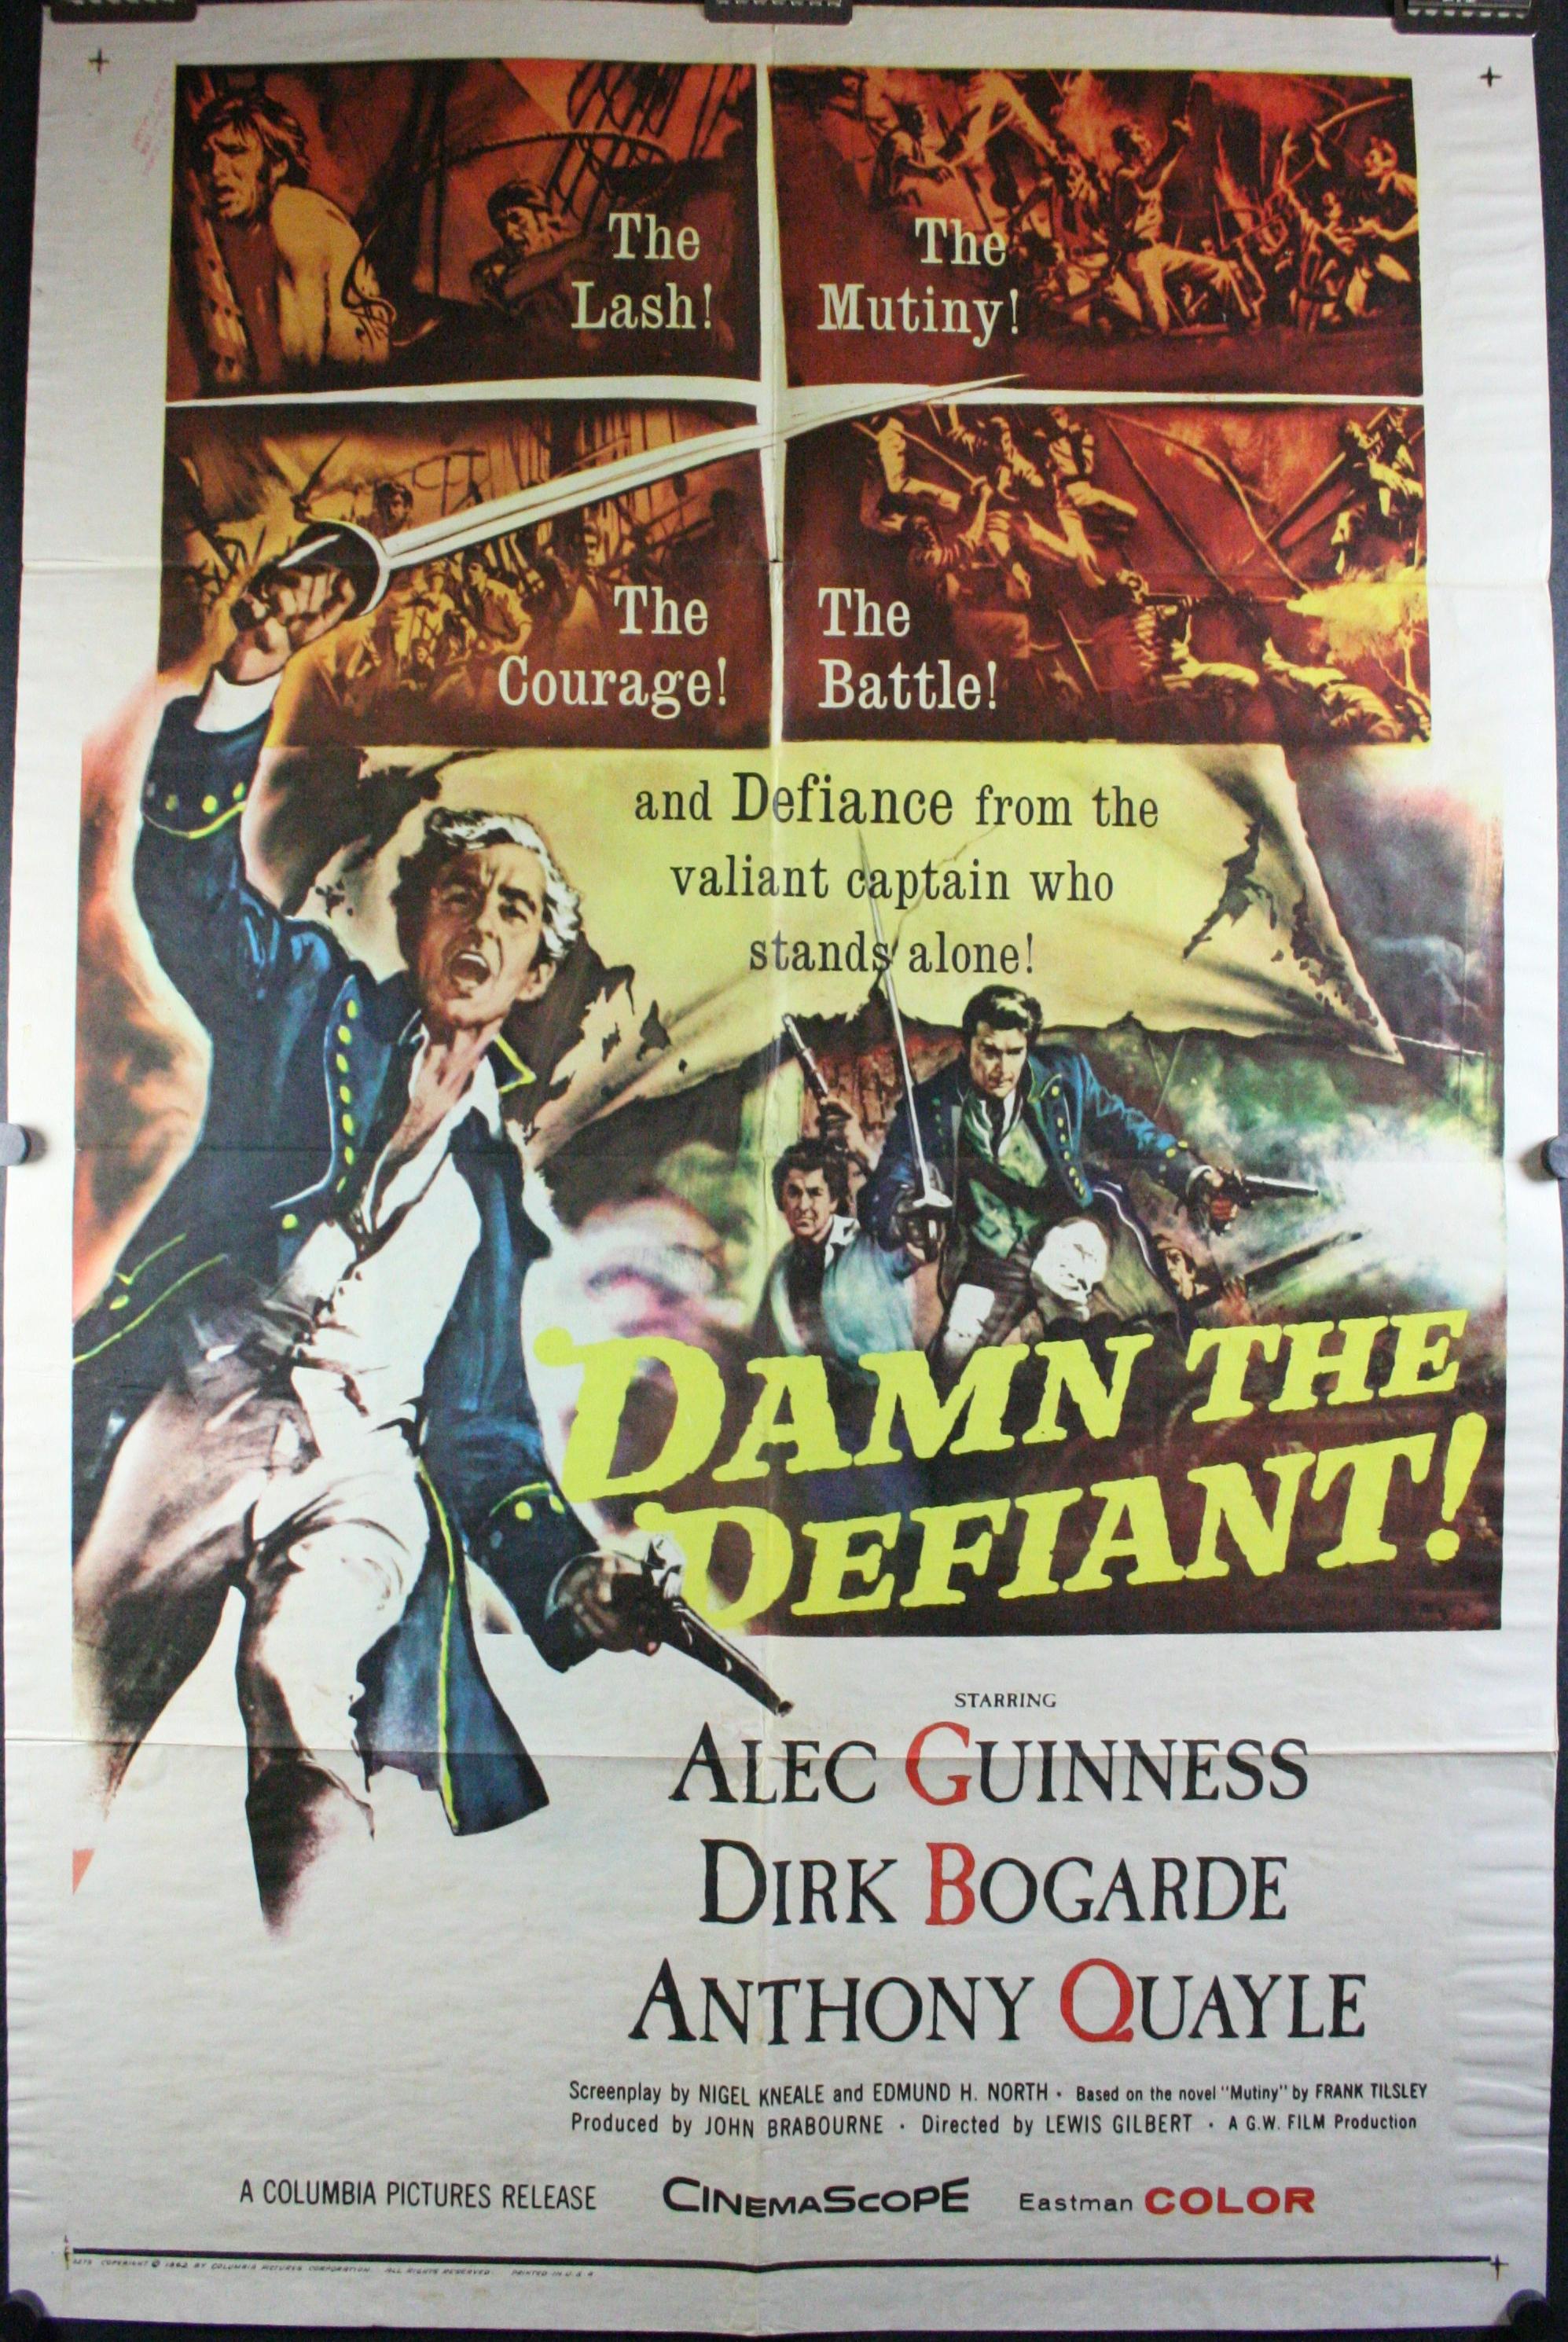 Damn the defiant